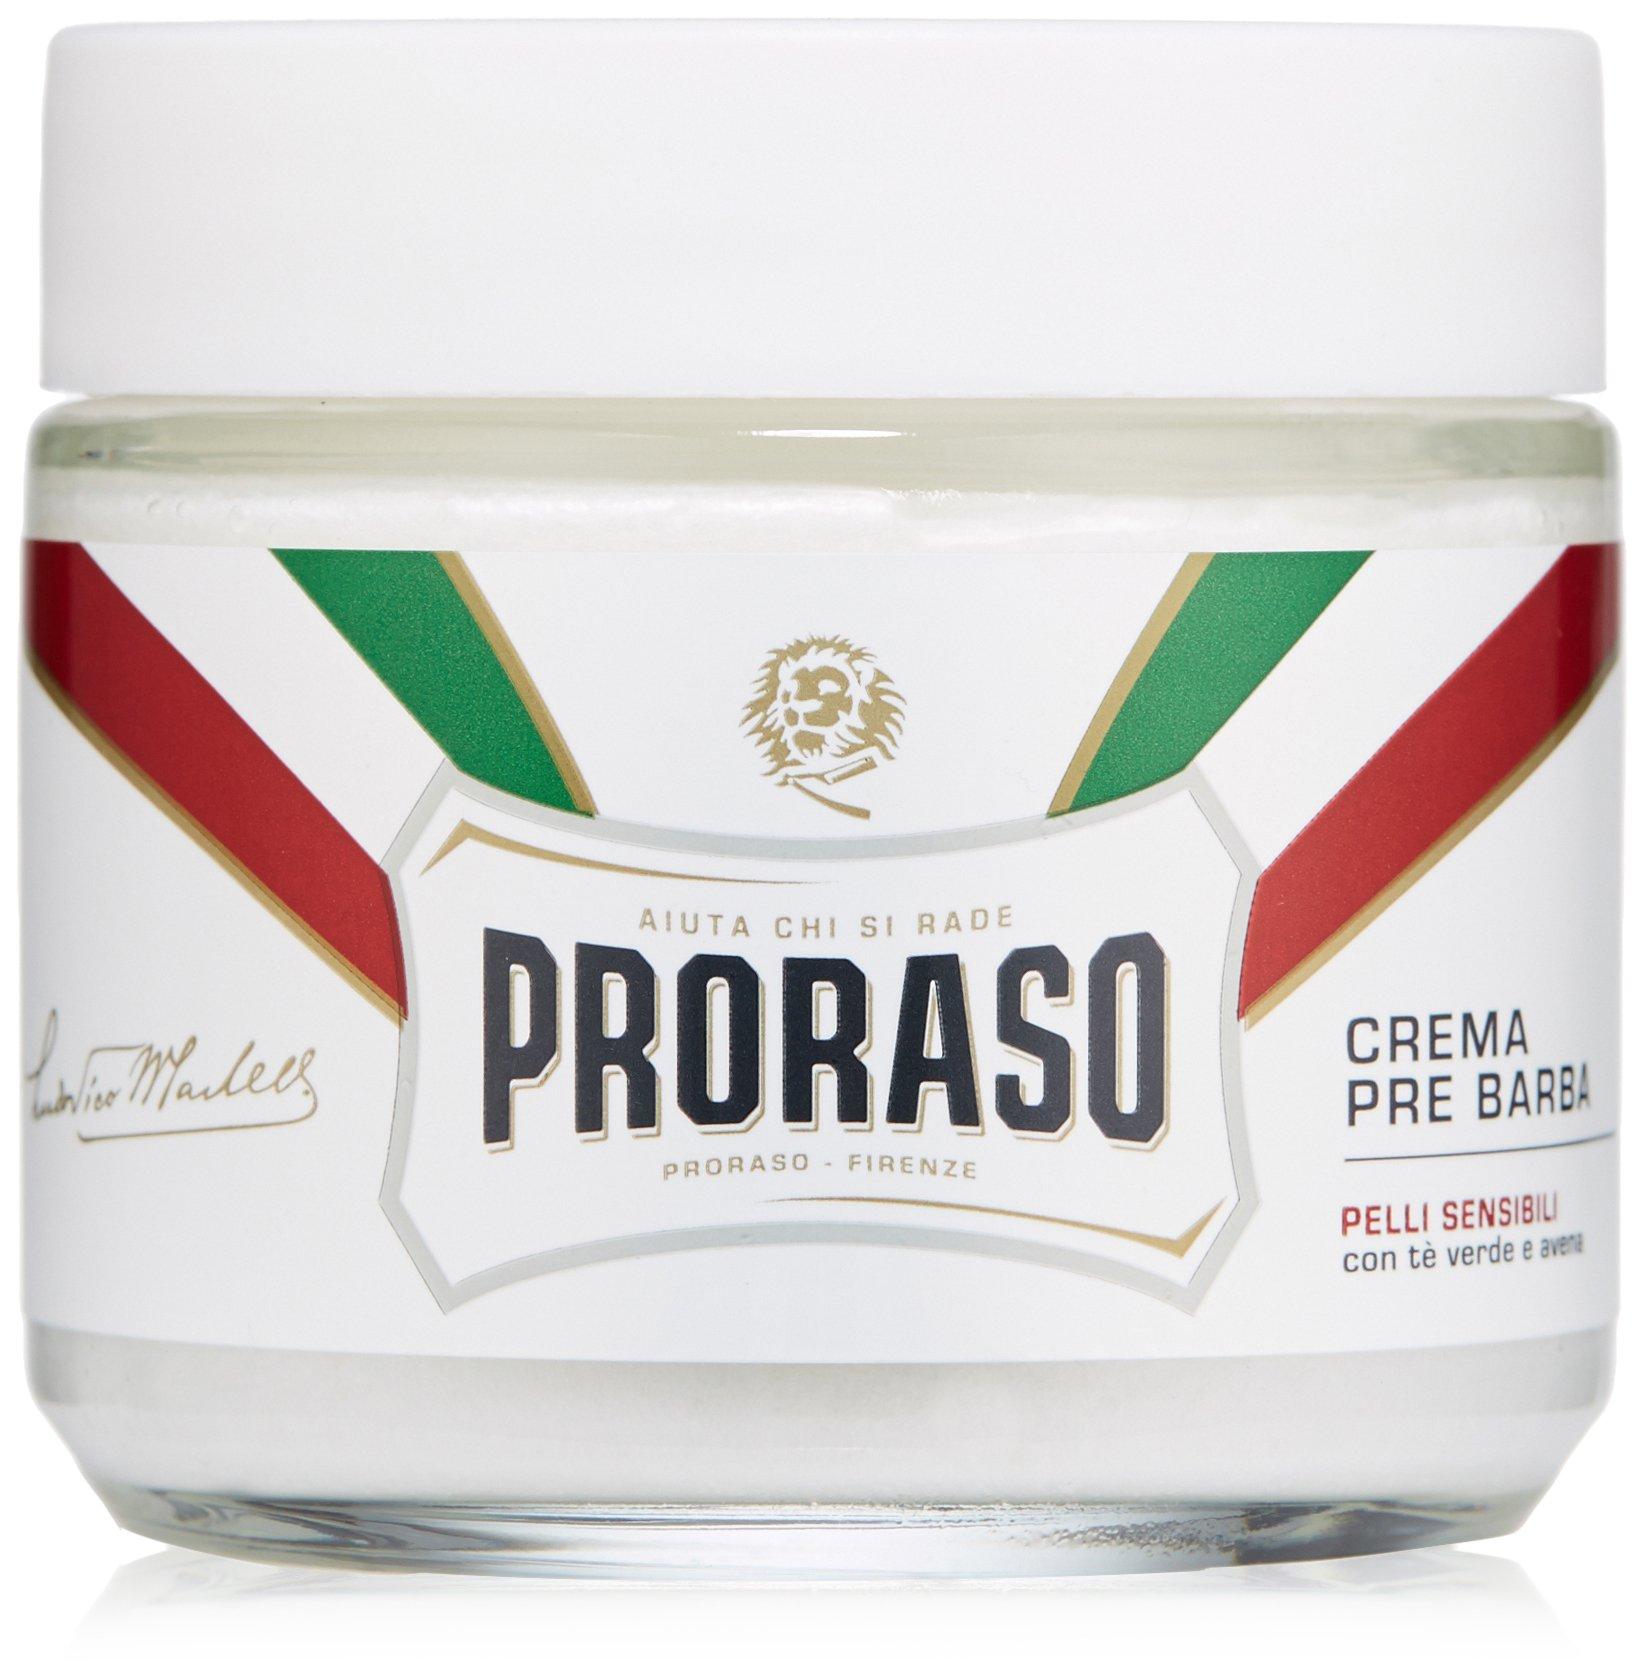 Proraso Pre-Shave Cream, Sensitive Skin, 3.6 oz